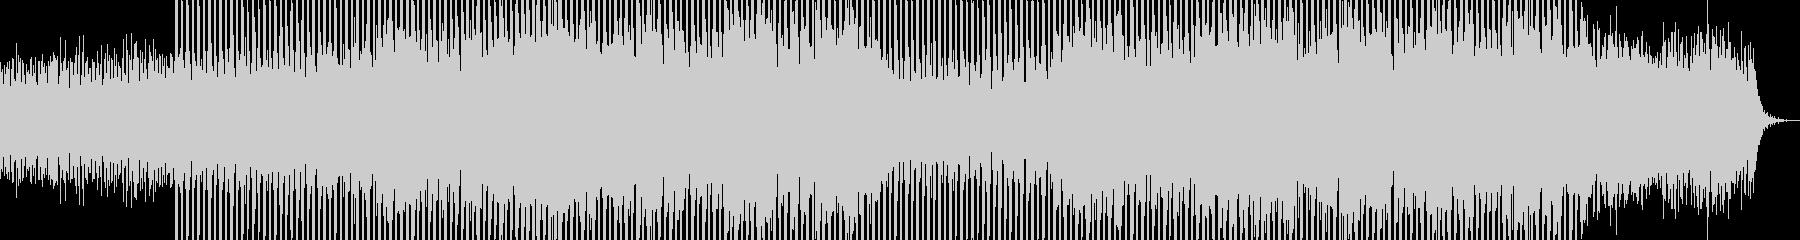 EDMクラブ系ダンスミュージック-43の未再生の波形